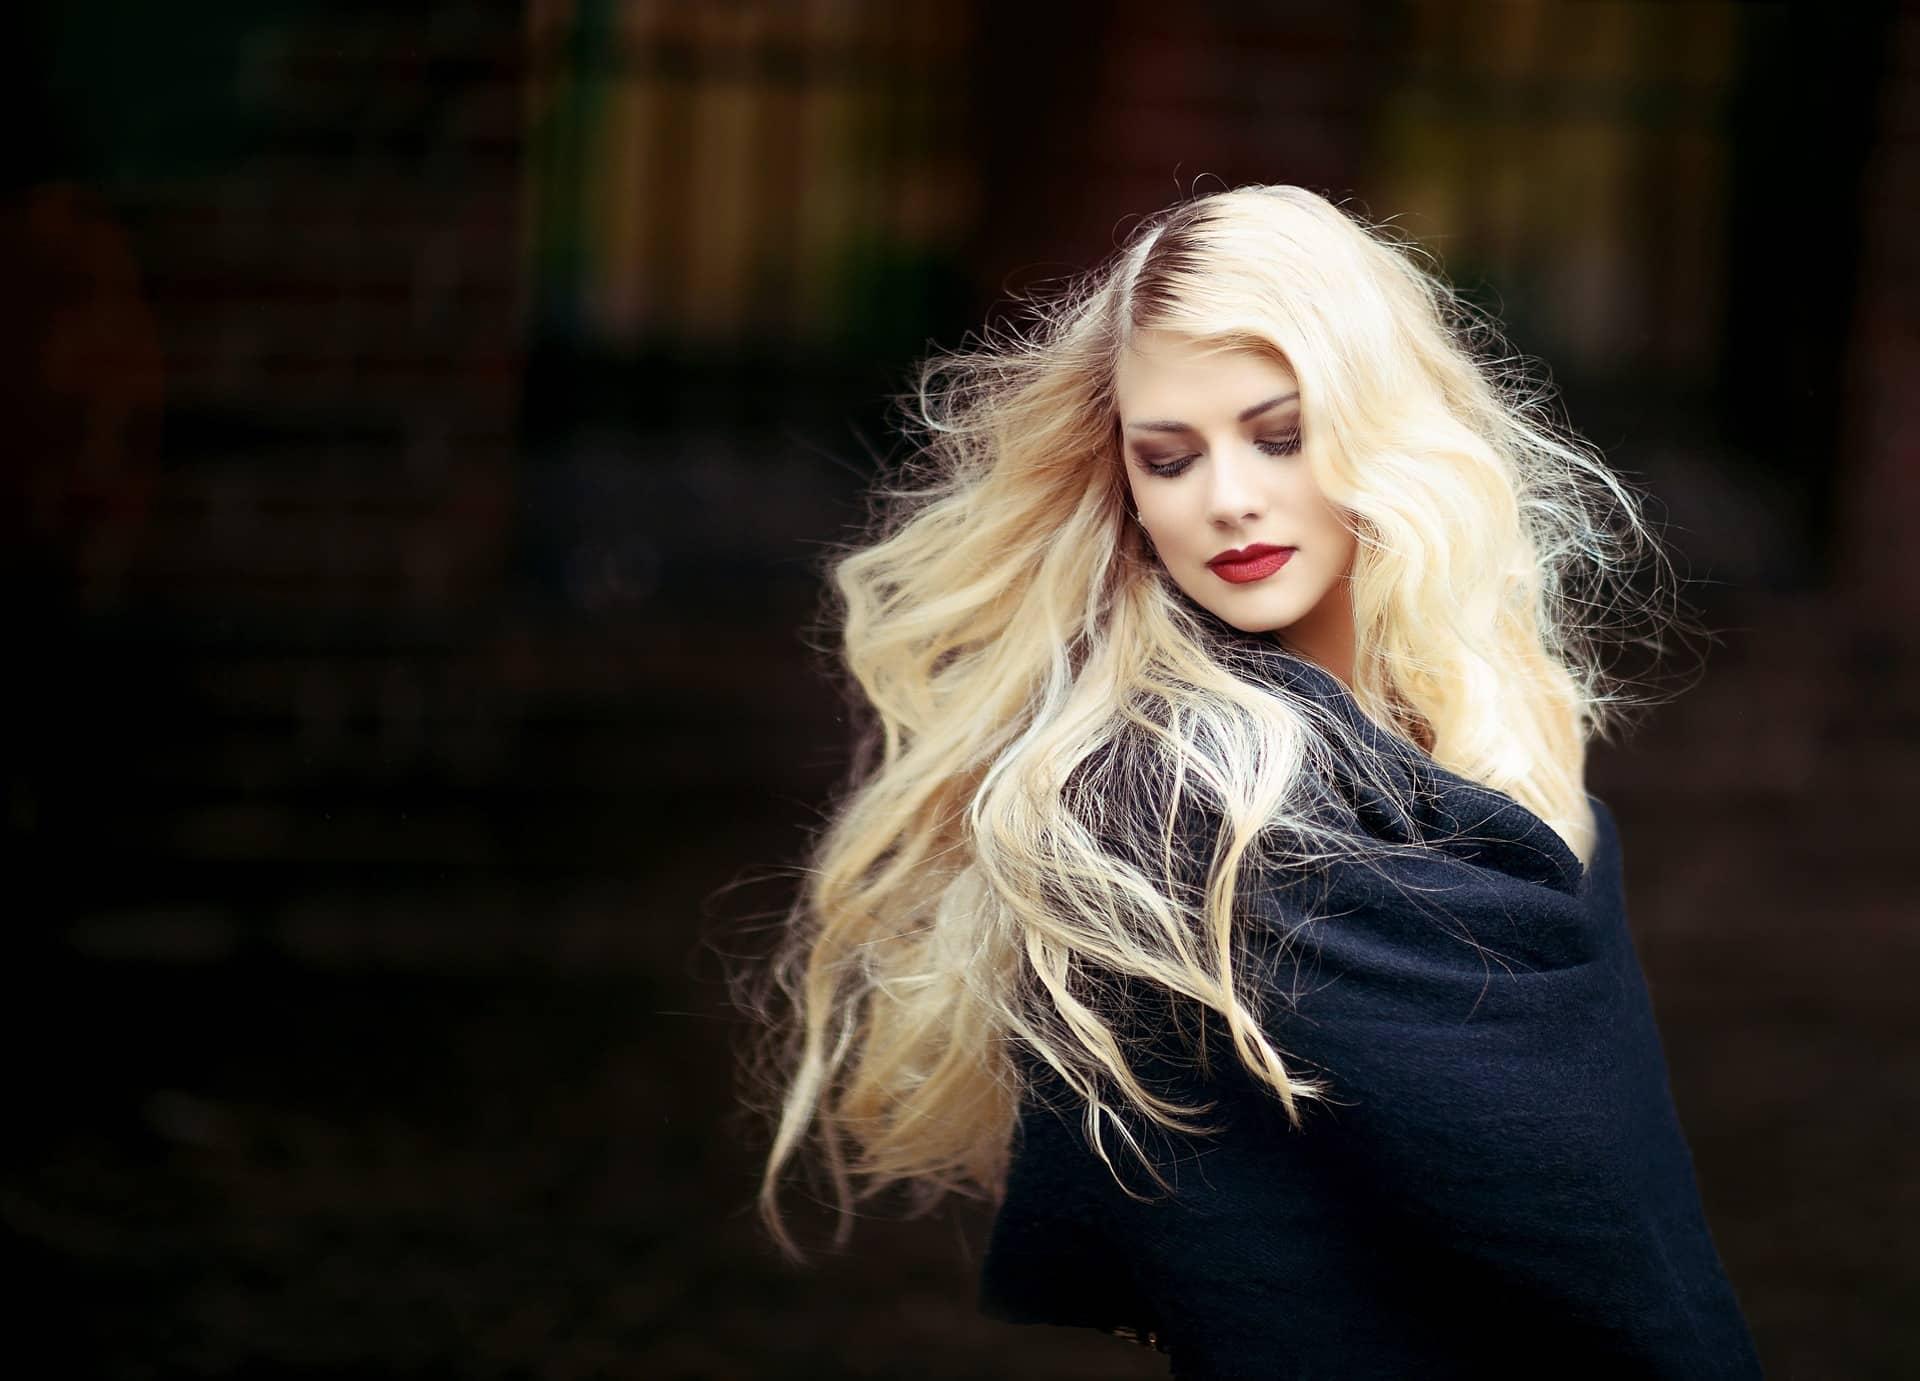 Comment prendre soin de ses cheveux avec extensions ?